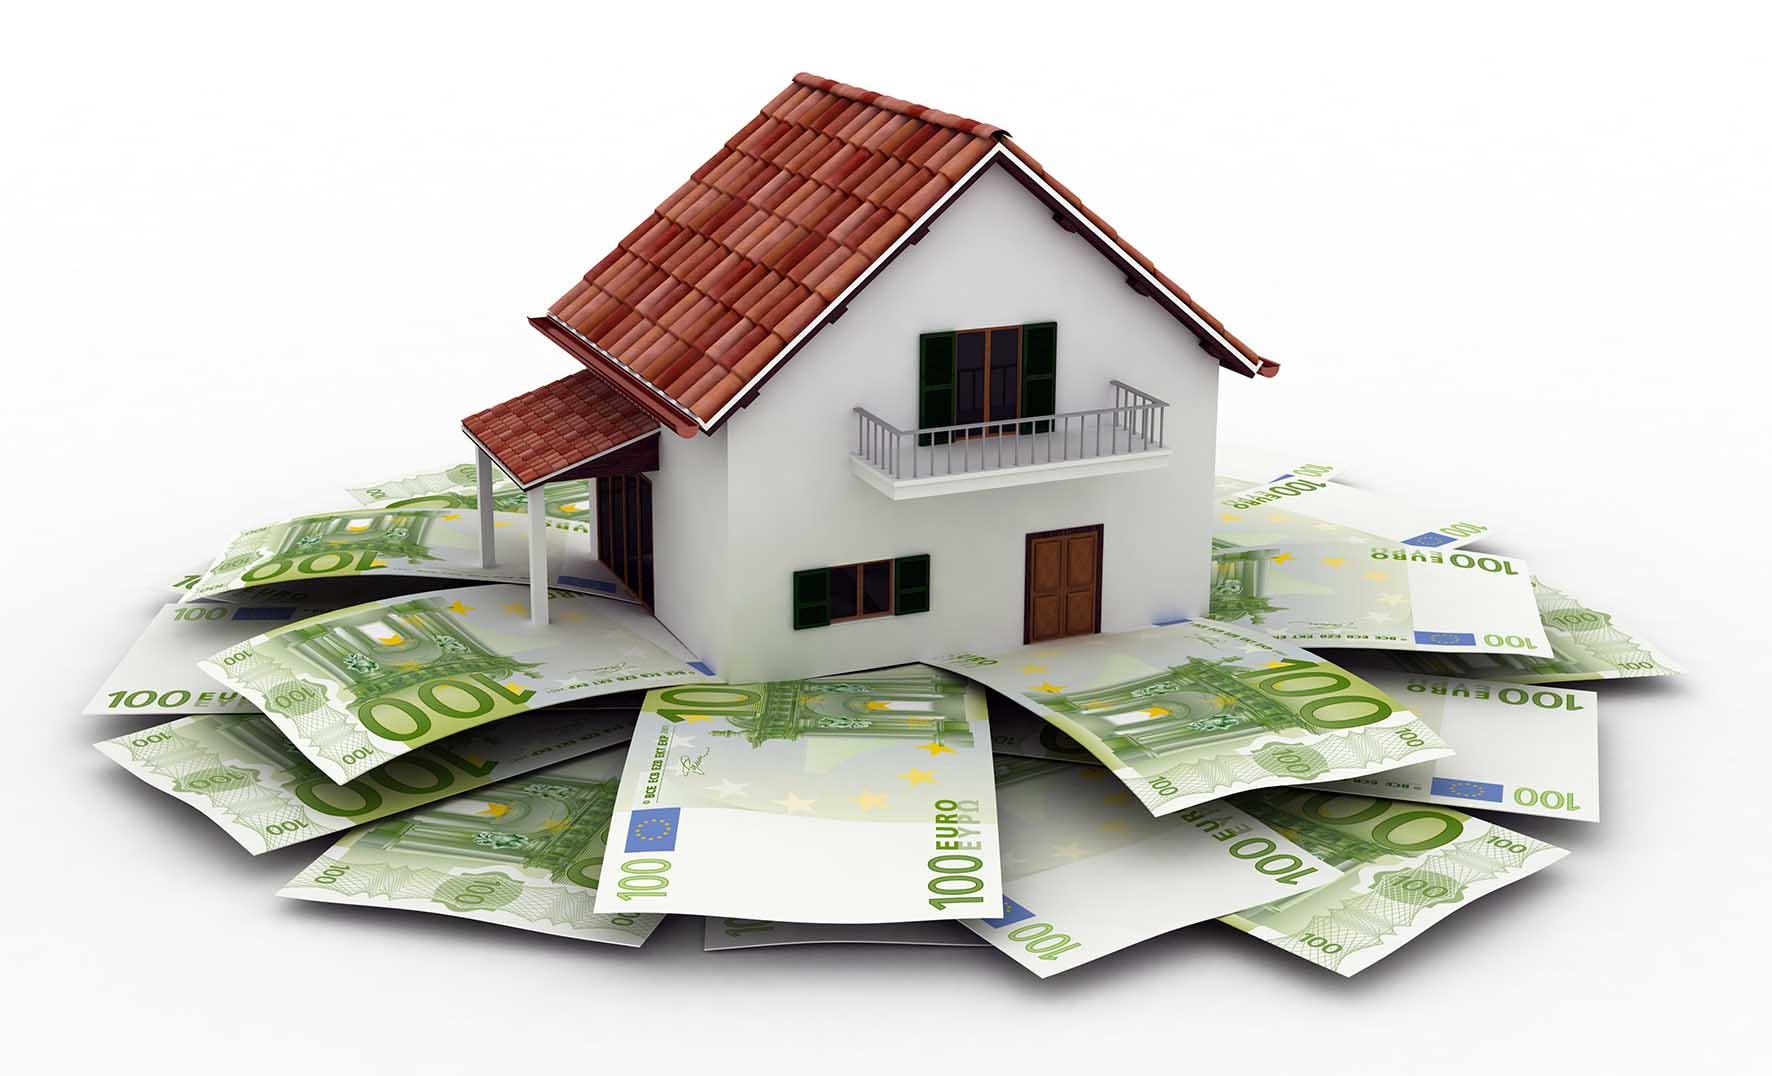 casa fondazione biglietti 100 euro tasse